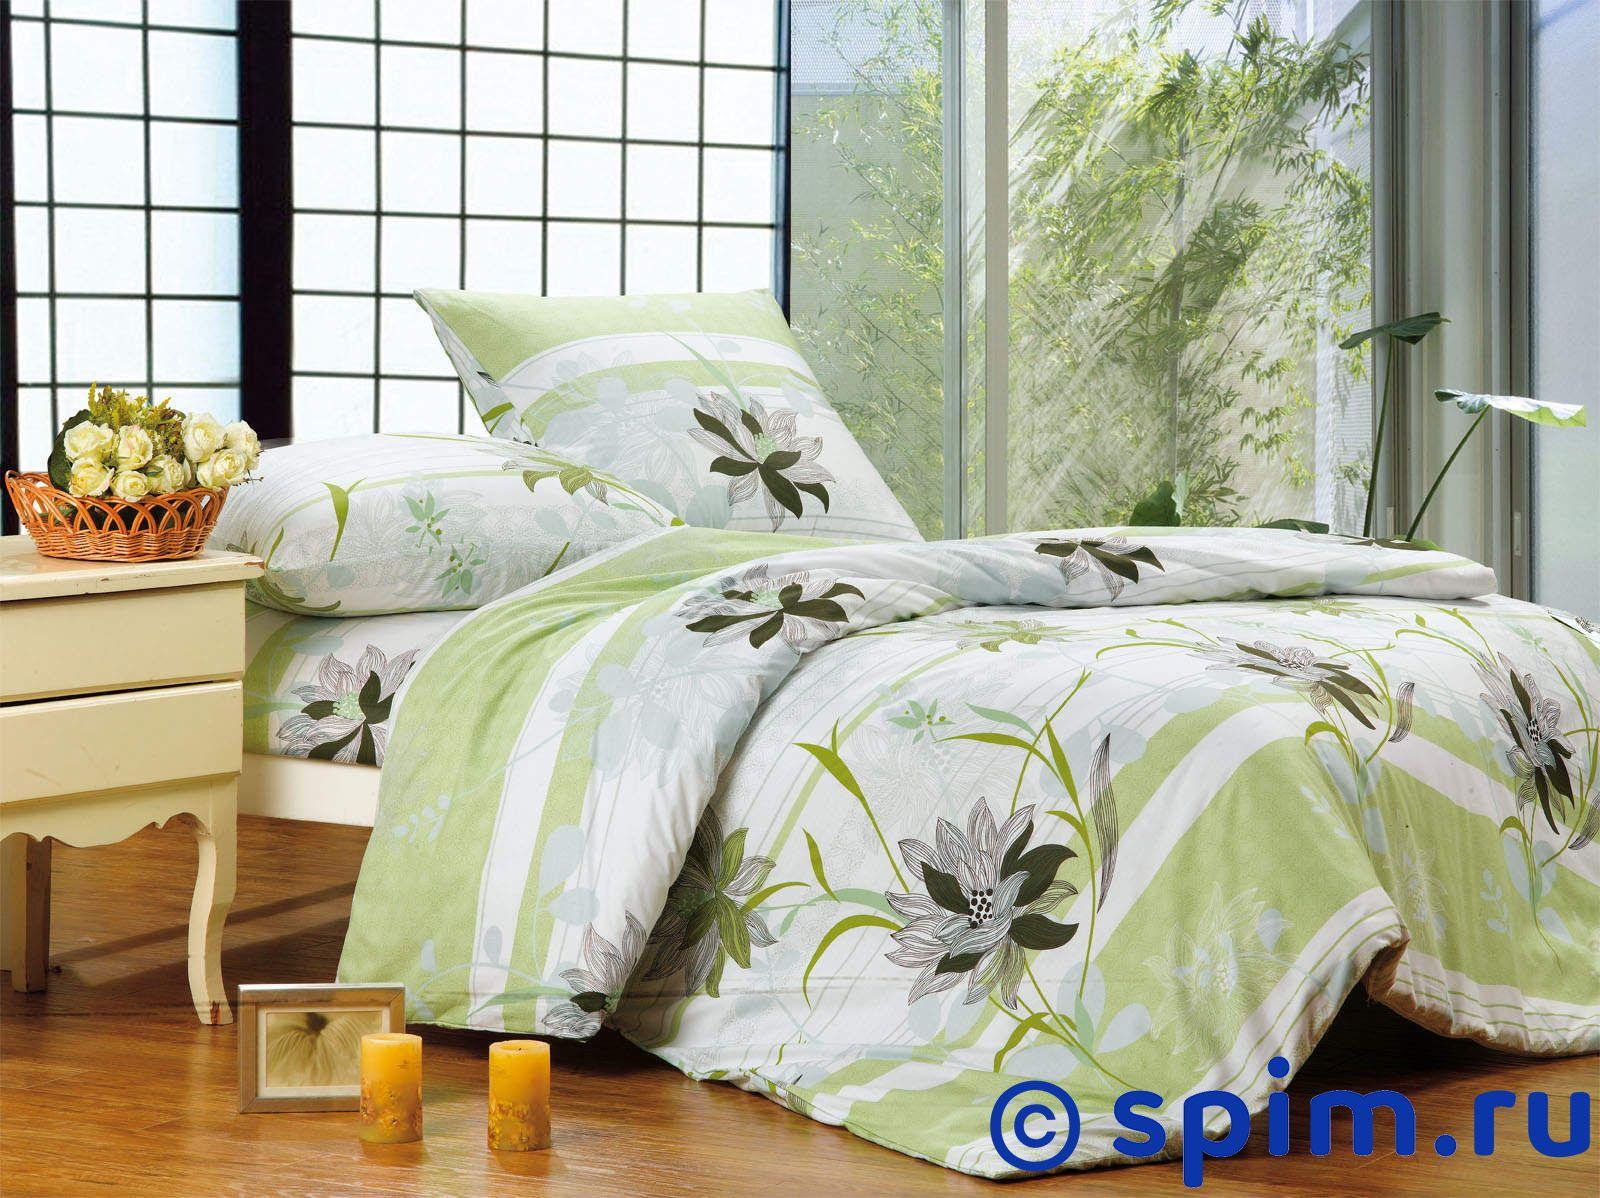 Постельное белье СайлиД А108/2 Евро-стандарт